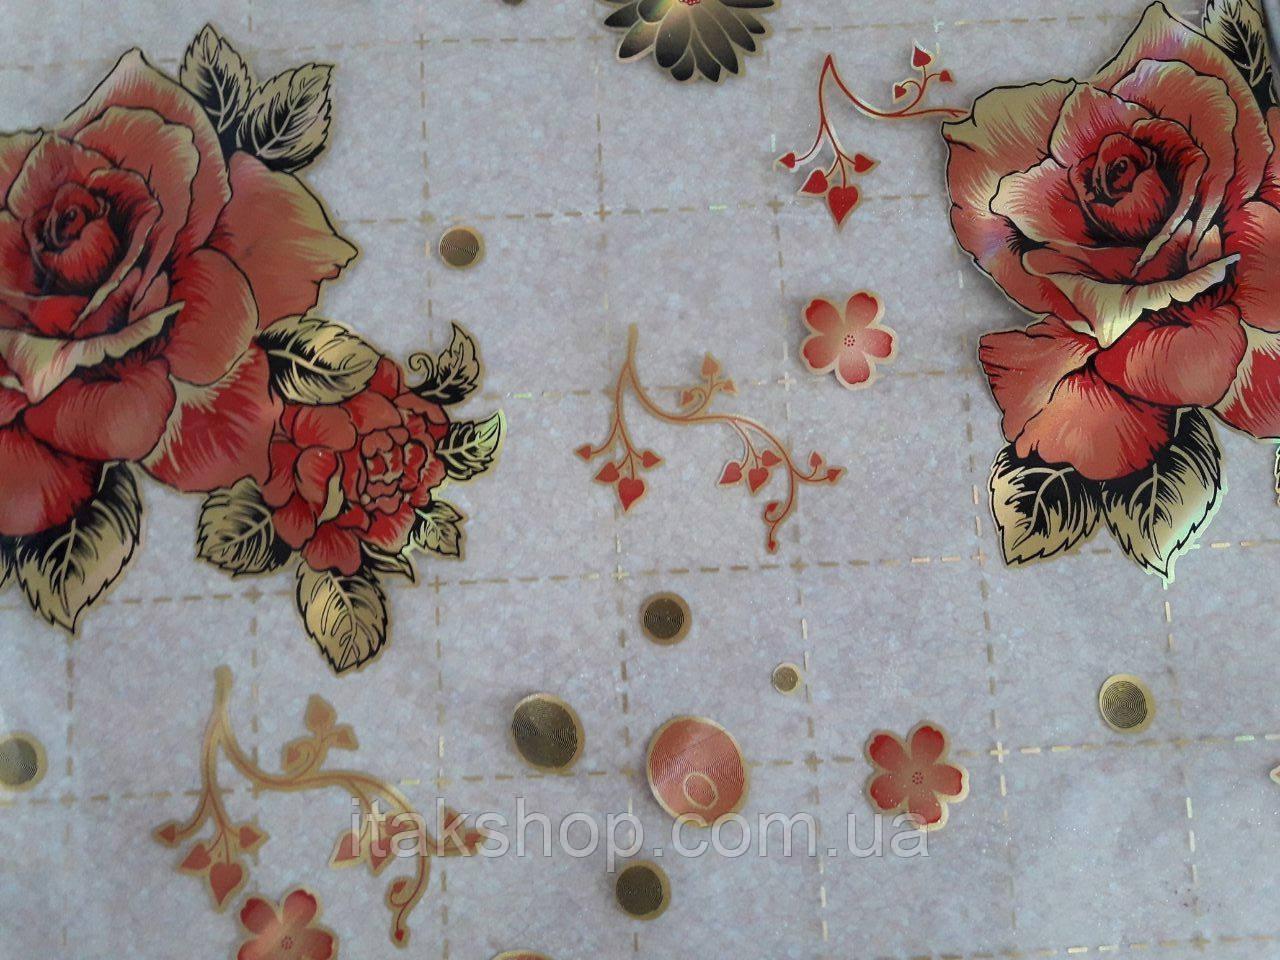 Мягкое стекло Скатерть с лазерным рисунком для мебели Soft Glass 2.7х0.8м толщина 1.5мм Красная роза